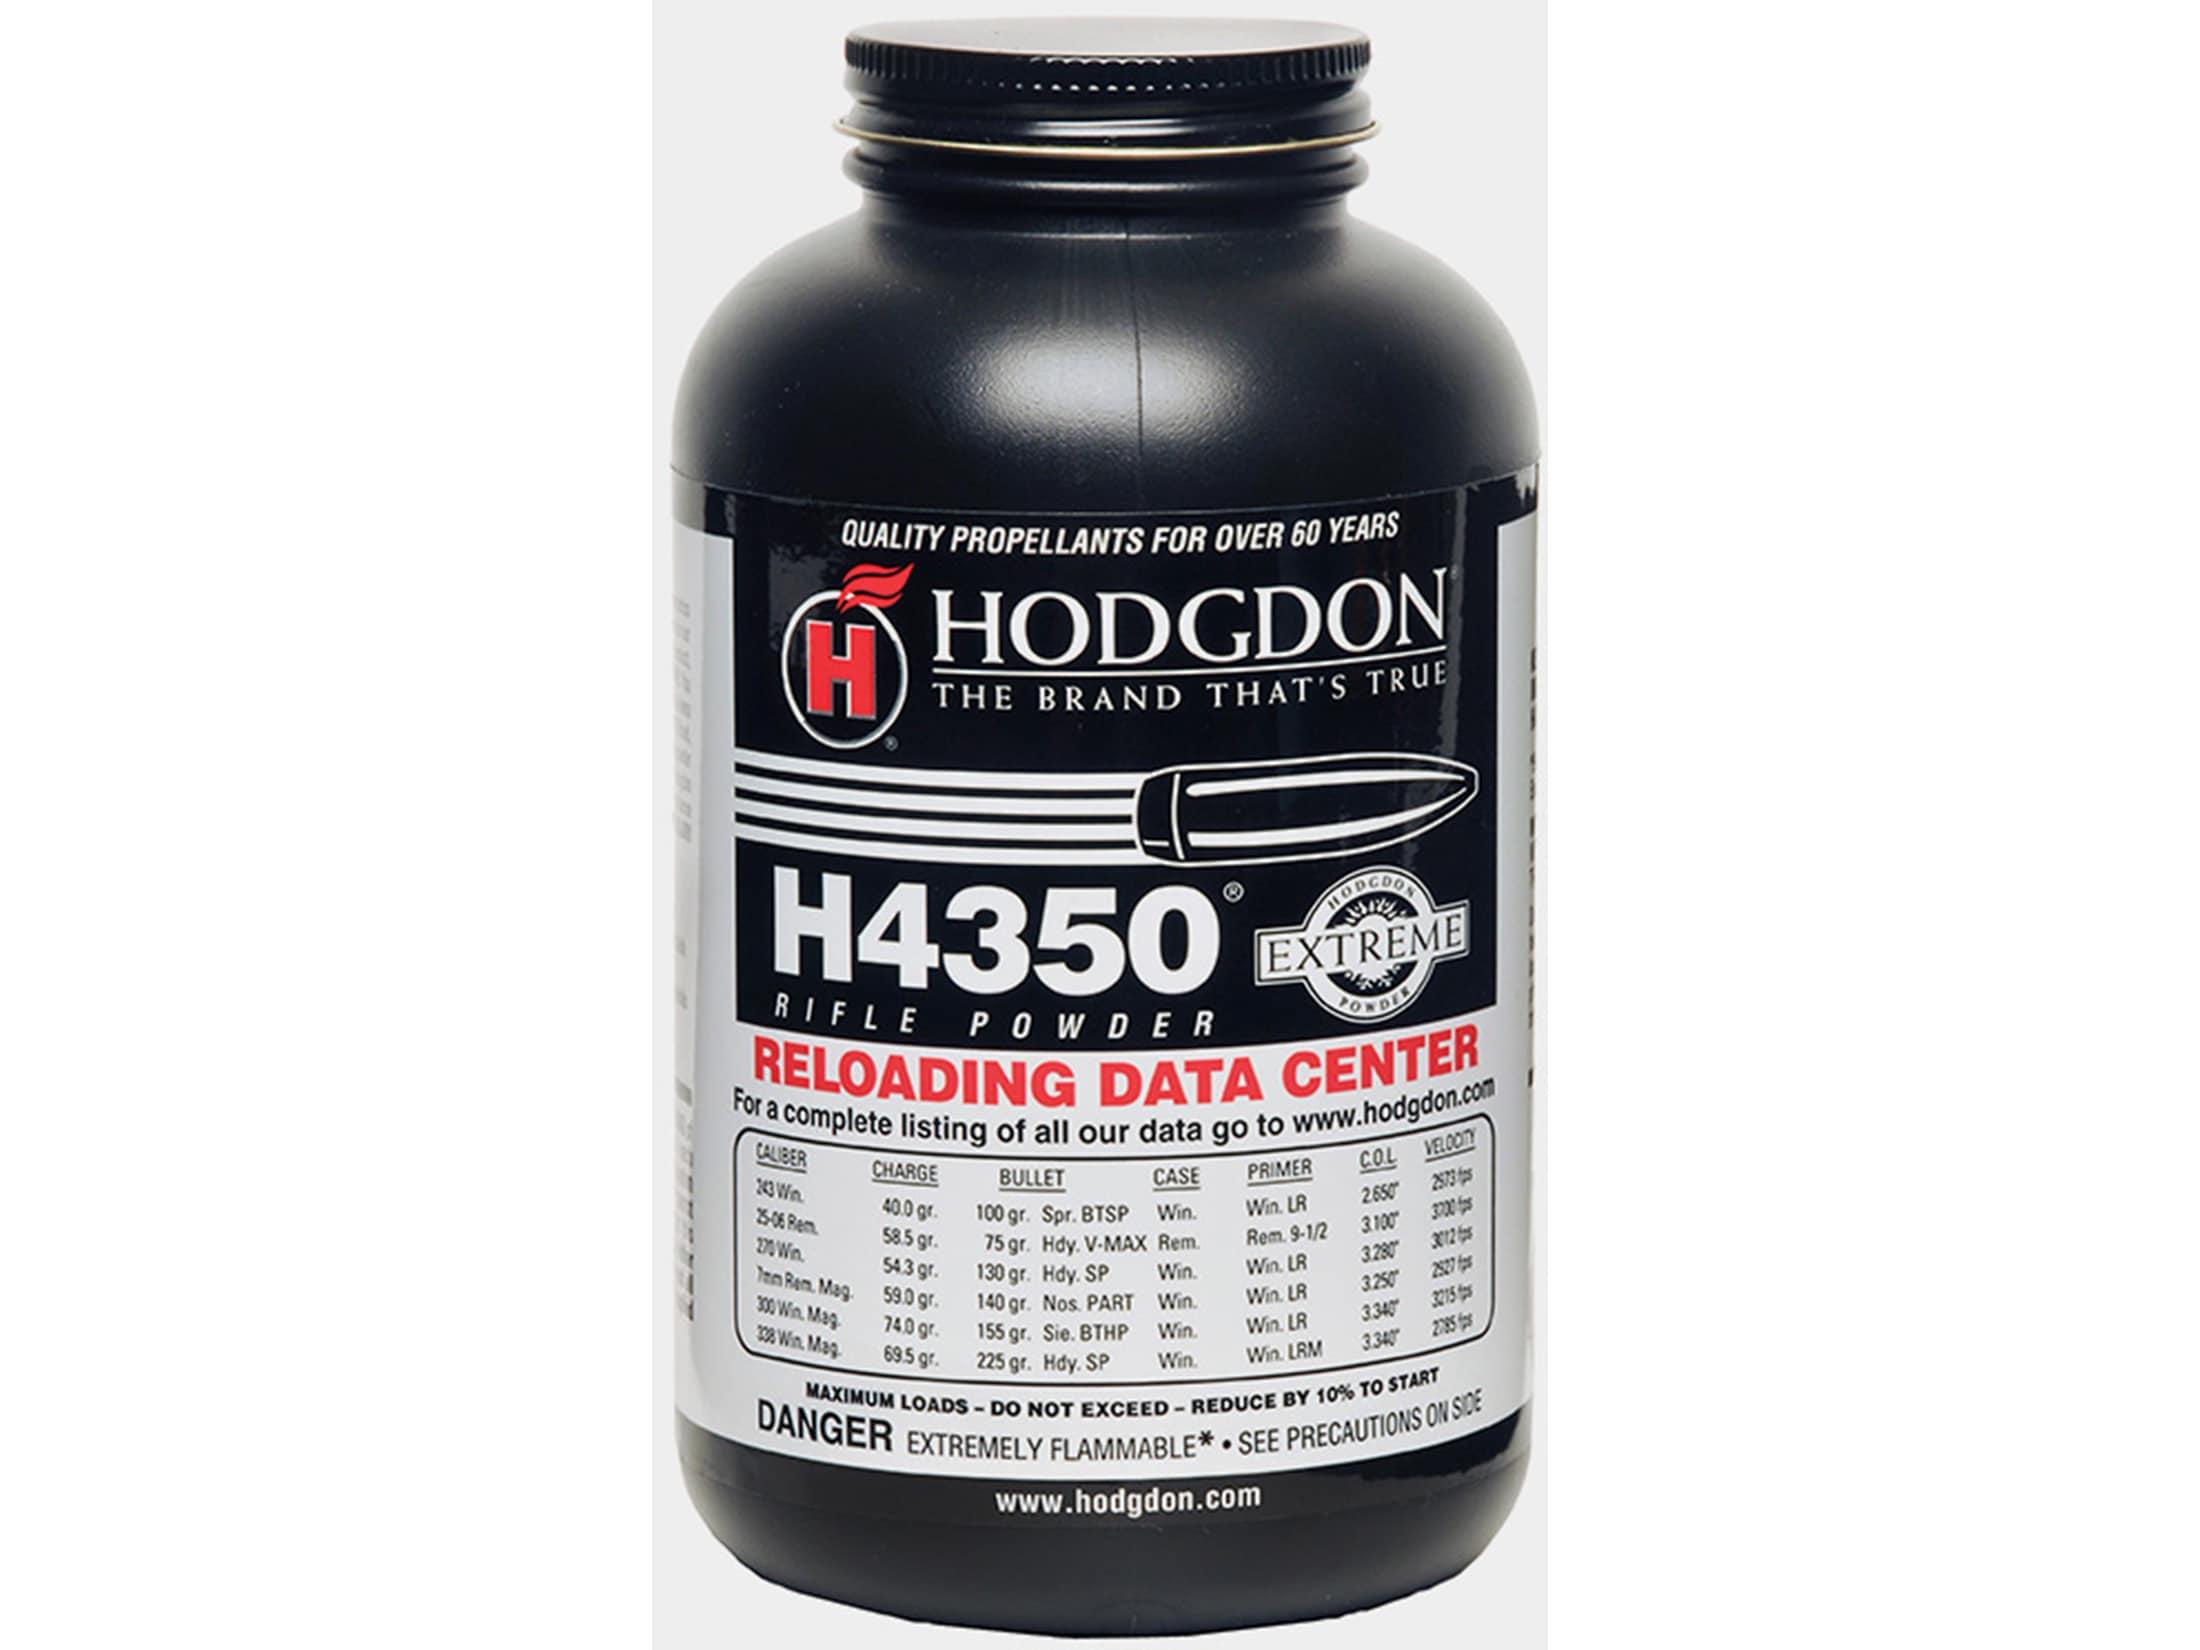 Hodgdon H4350 Smokeless Gun Powder 8 lb